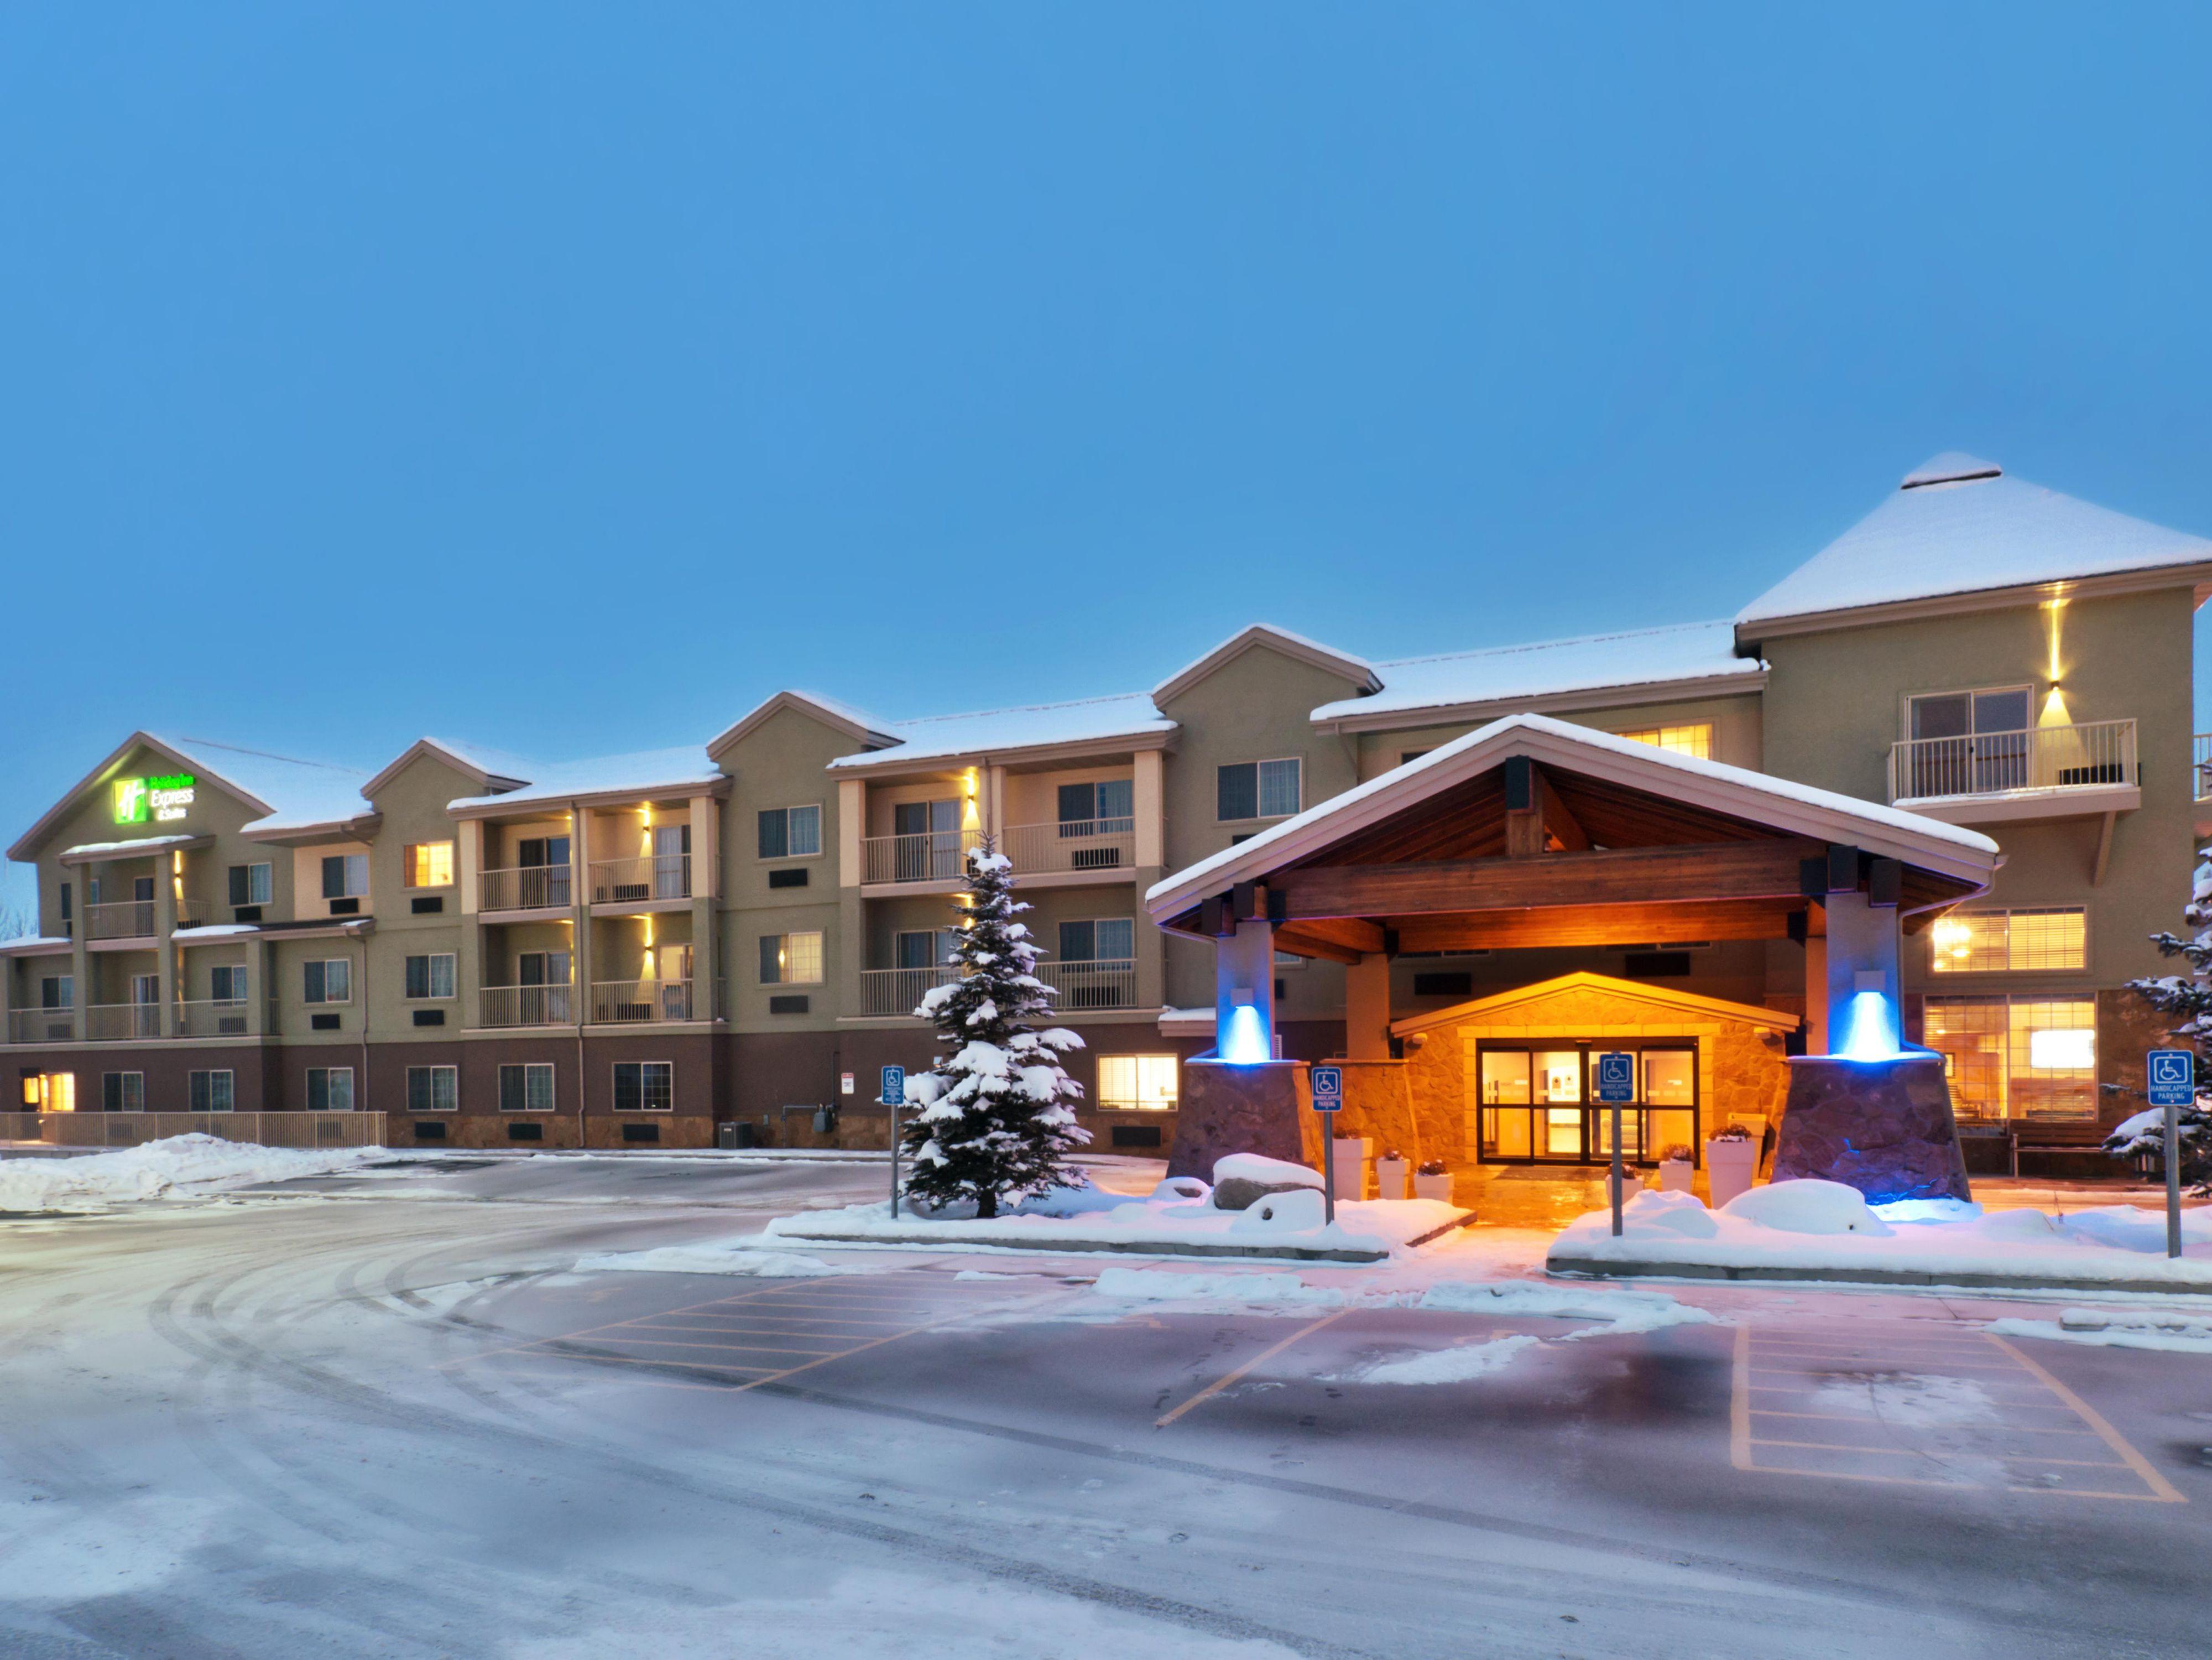 hotel specials for holiday inn express suites fraser. Black Bedroom Furniture Sets. Home Design Ideas